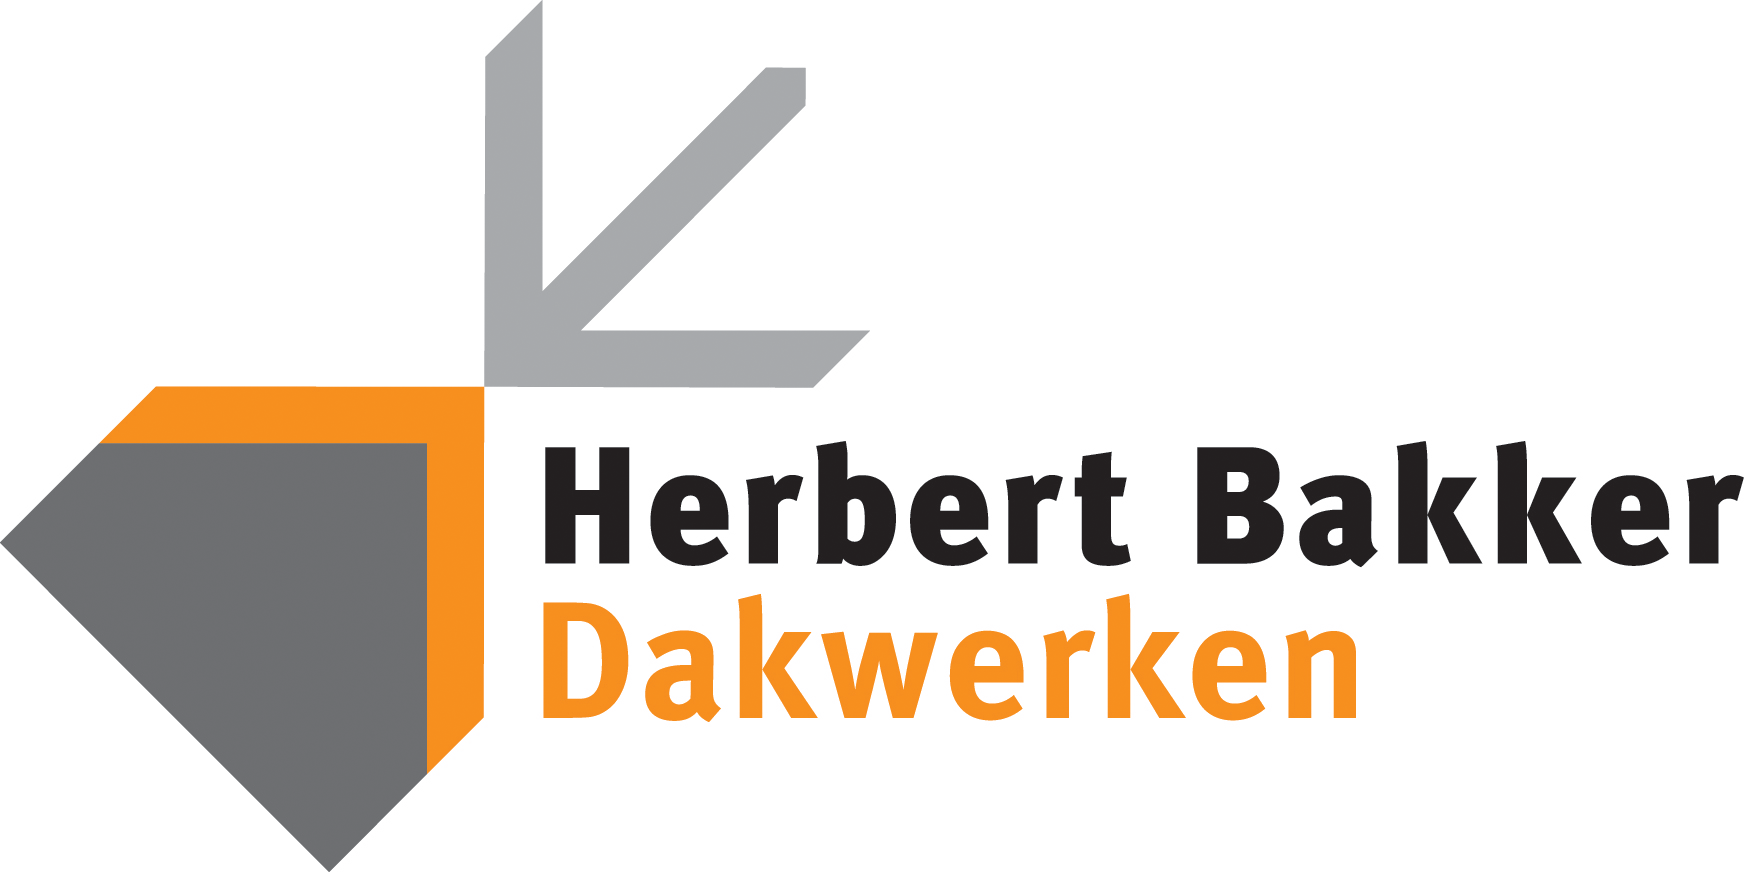 Herbert Bakker Dakwerken